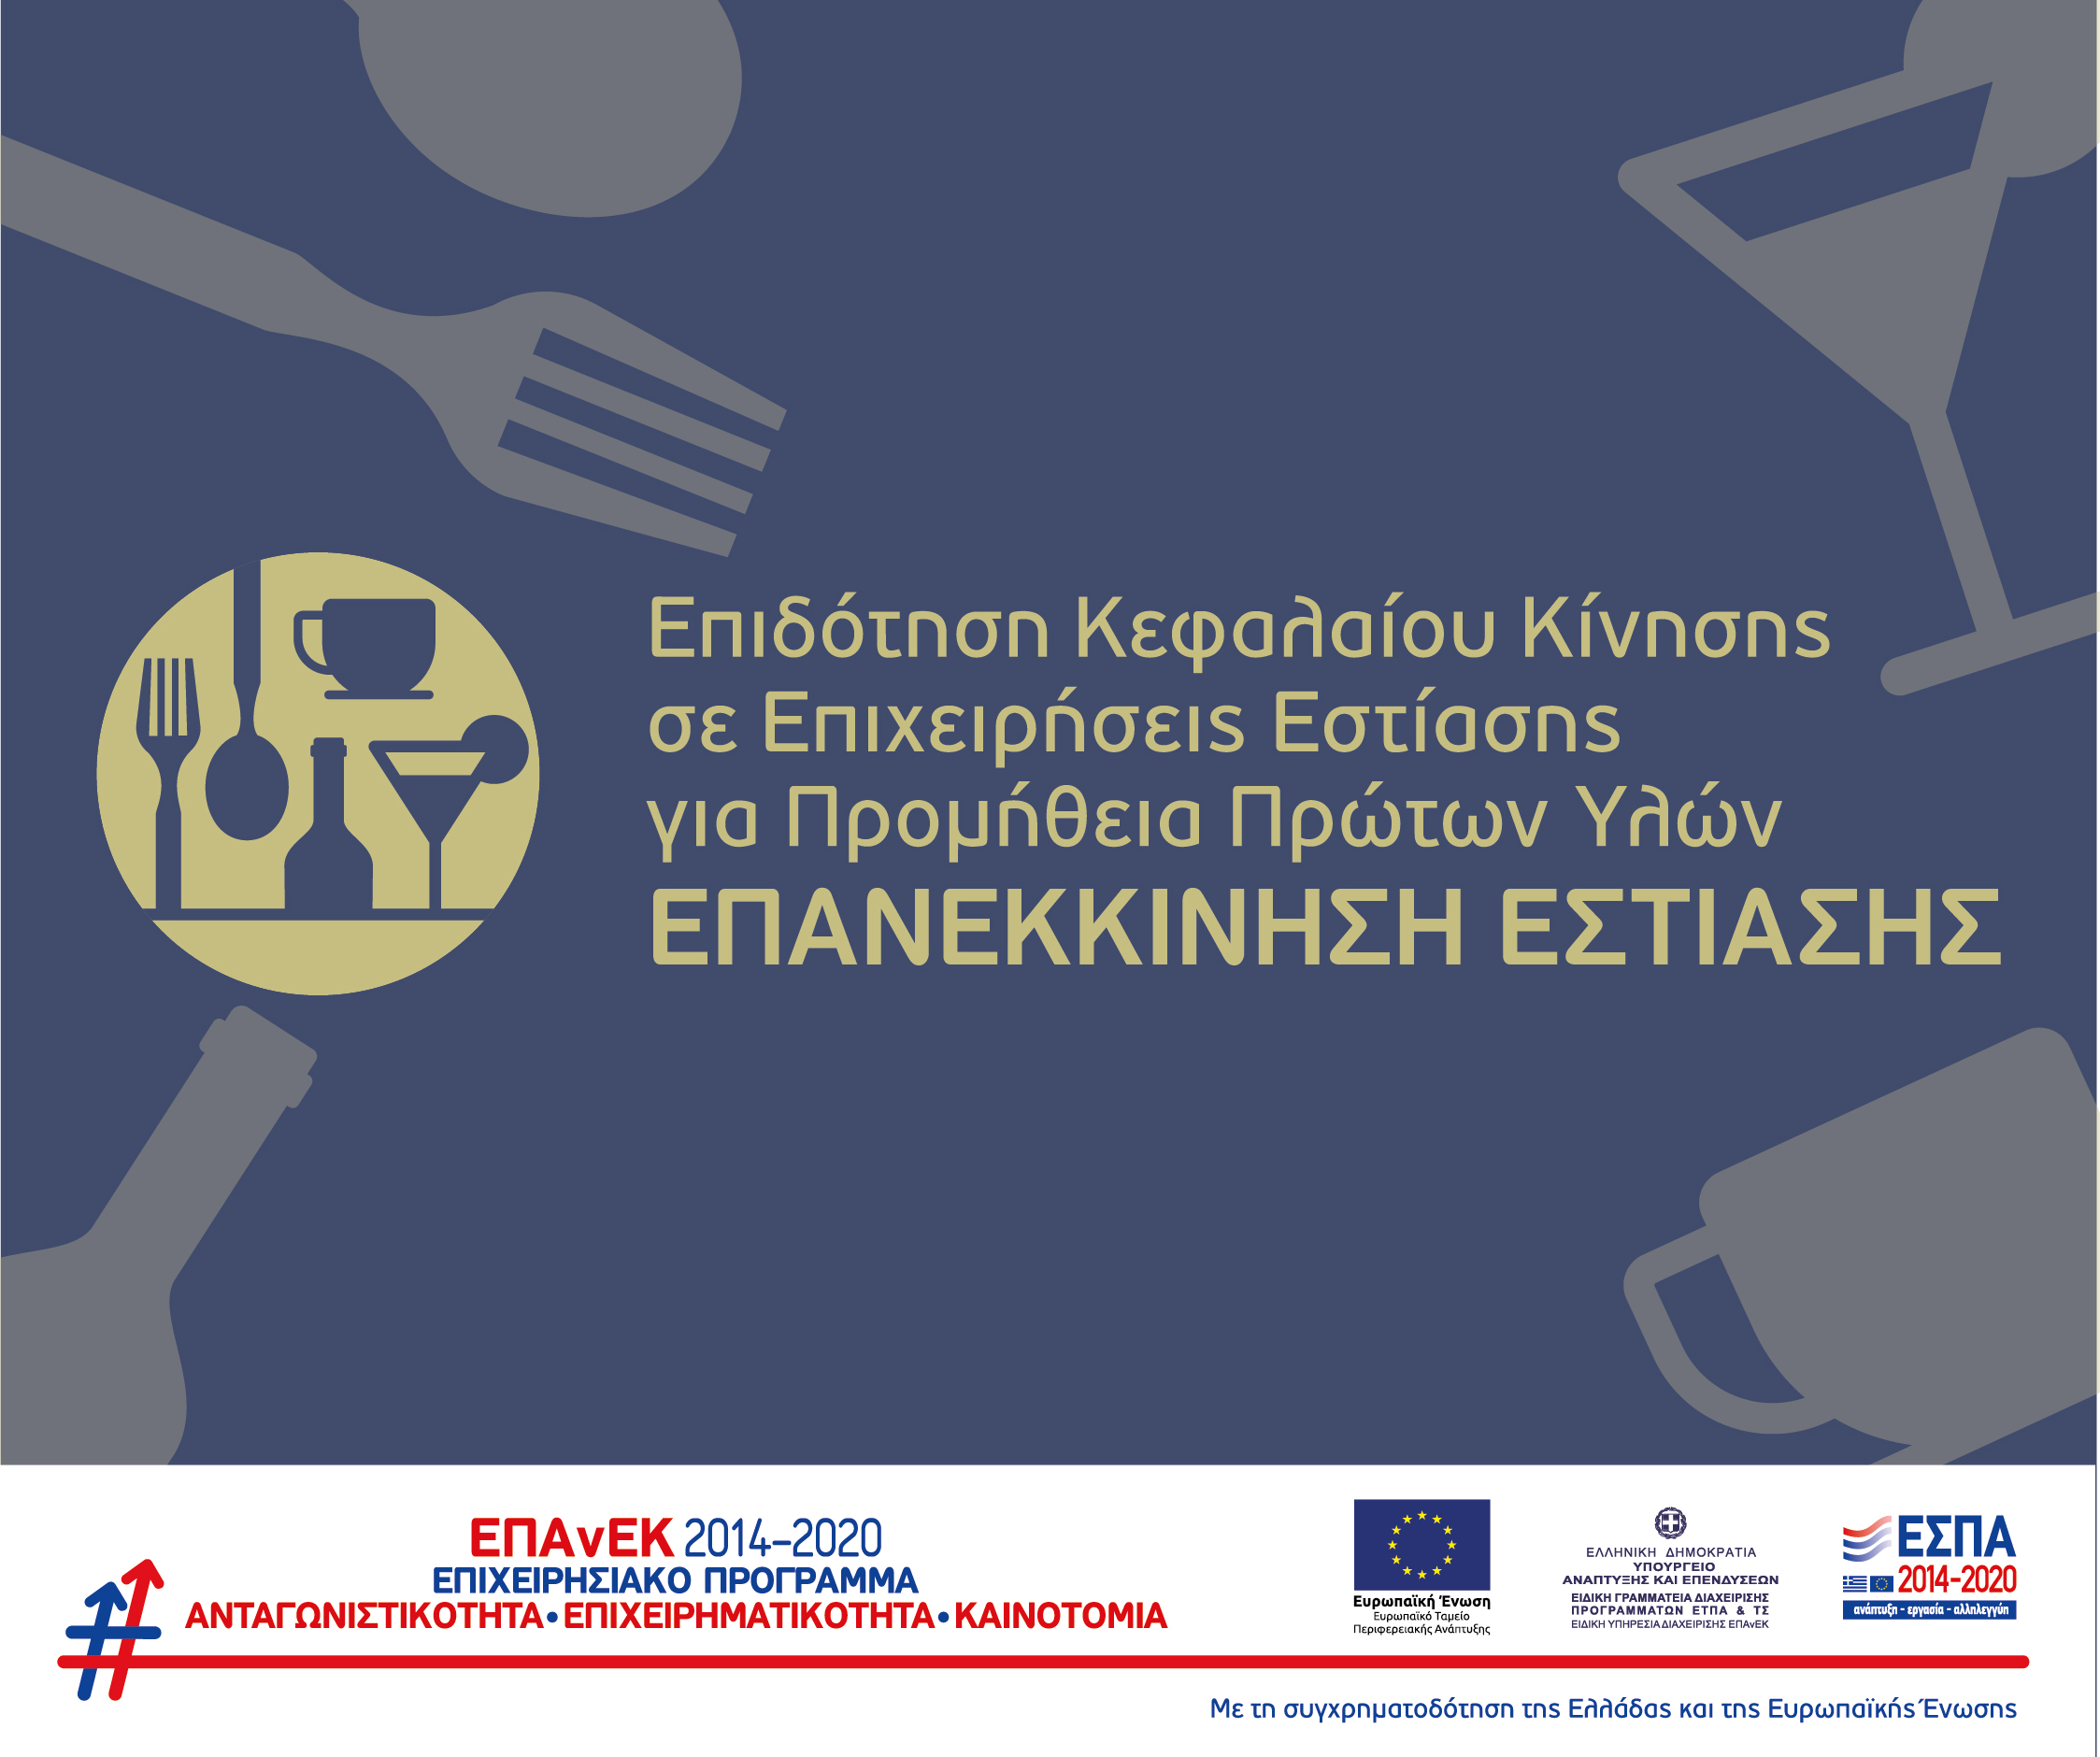 Επιδότηση Κεφαλαίου Κίνησης σε Επιχειρήσεις Εστίασης - Βουζουνεράκης Γιώργος & Συνεργάτες